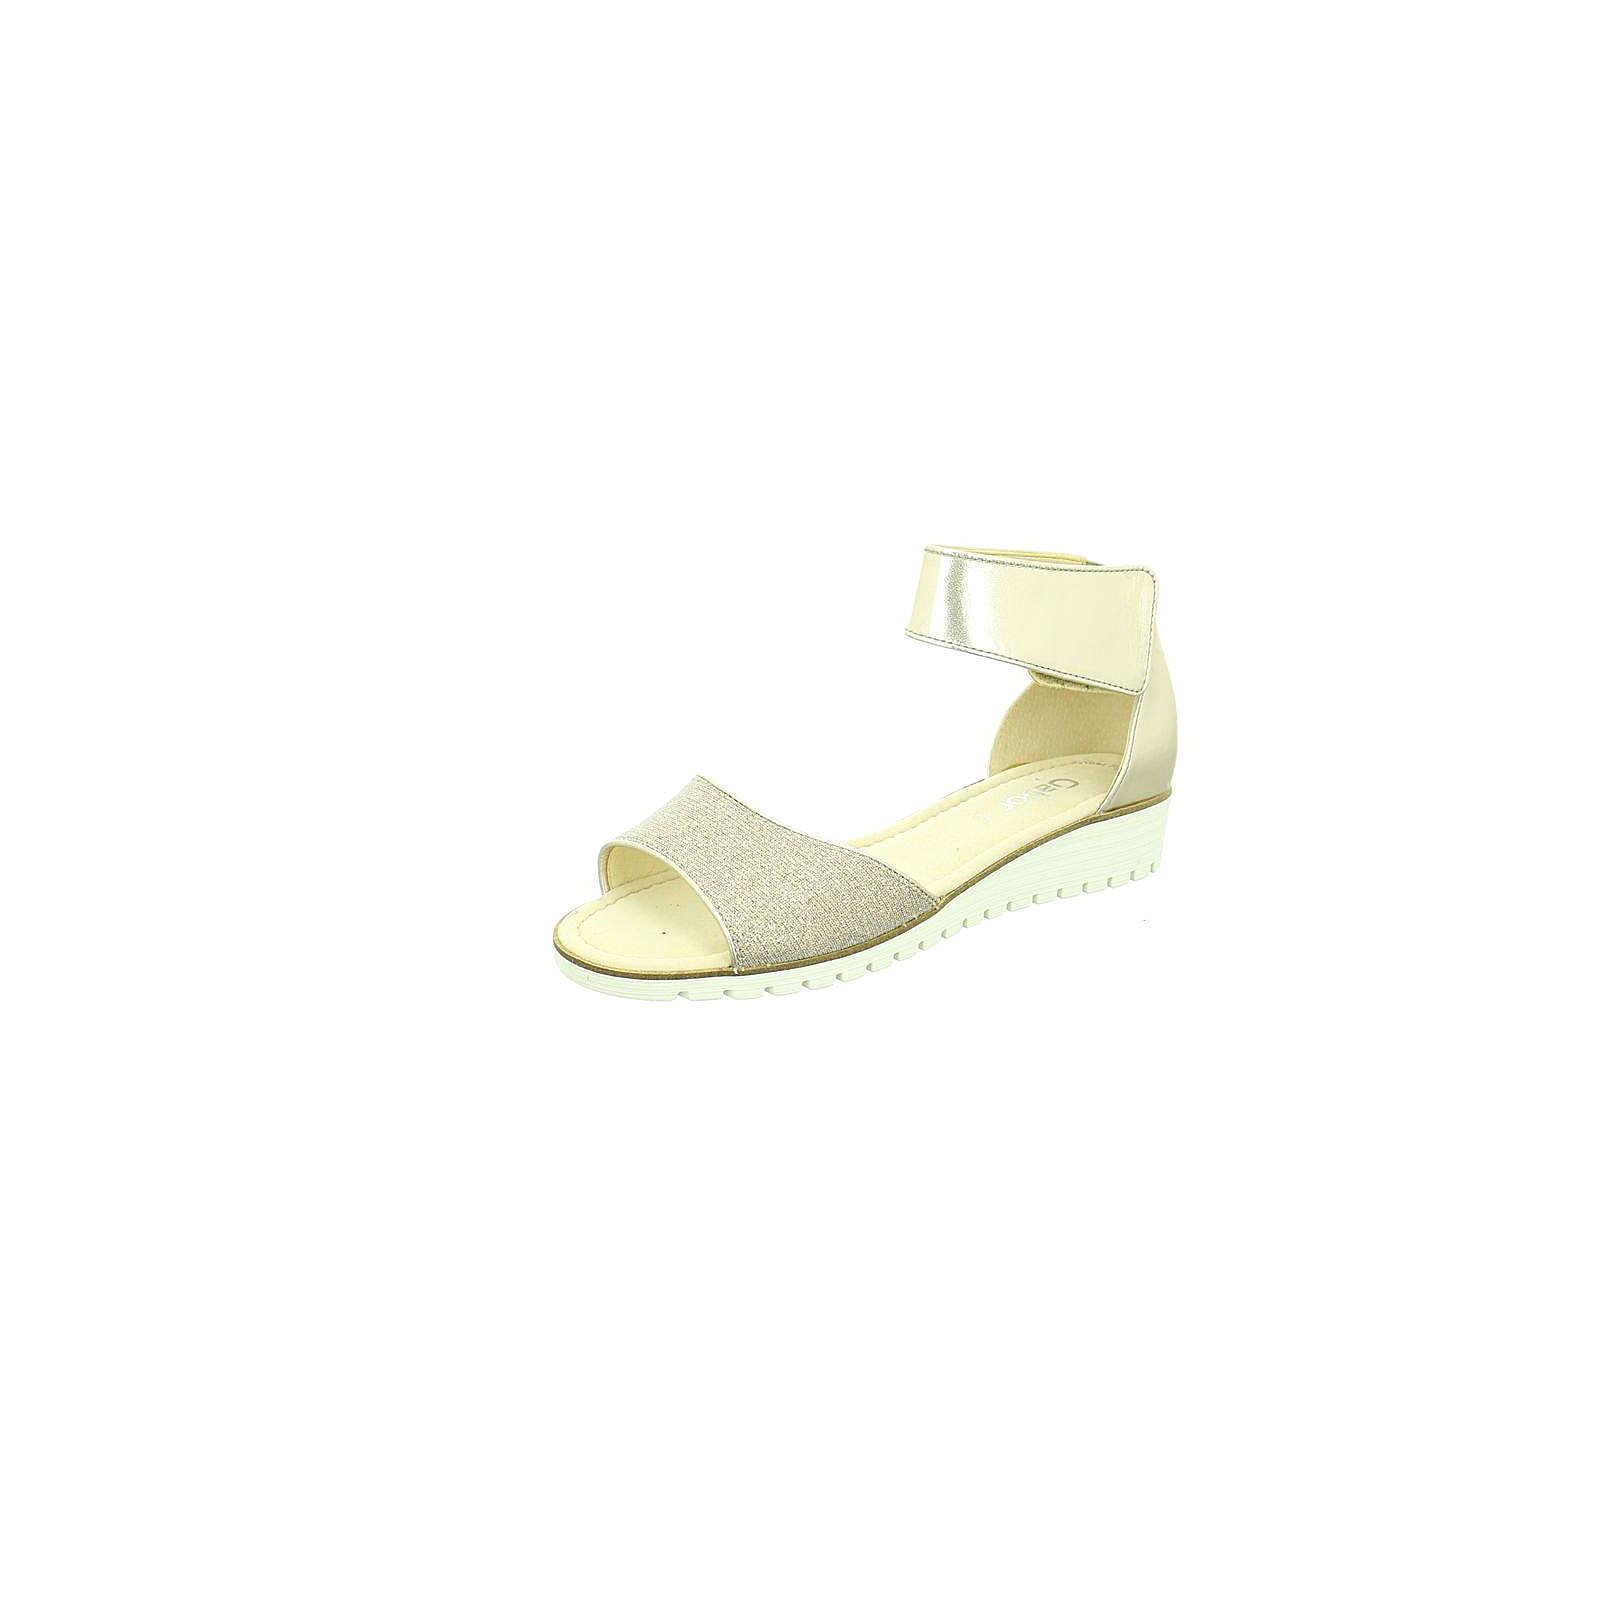 Gabor Klassische Sandalen beige Damen Gr. 36